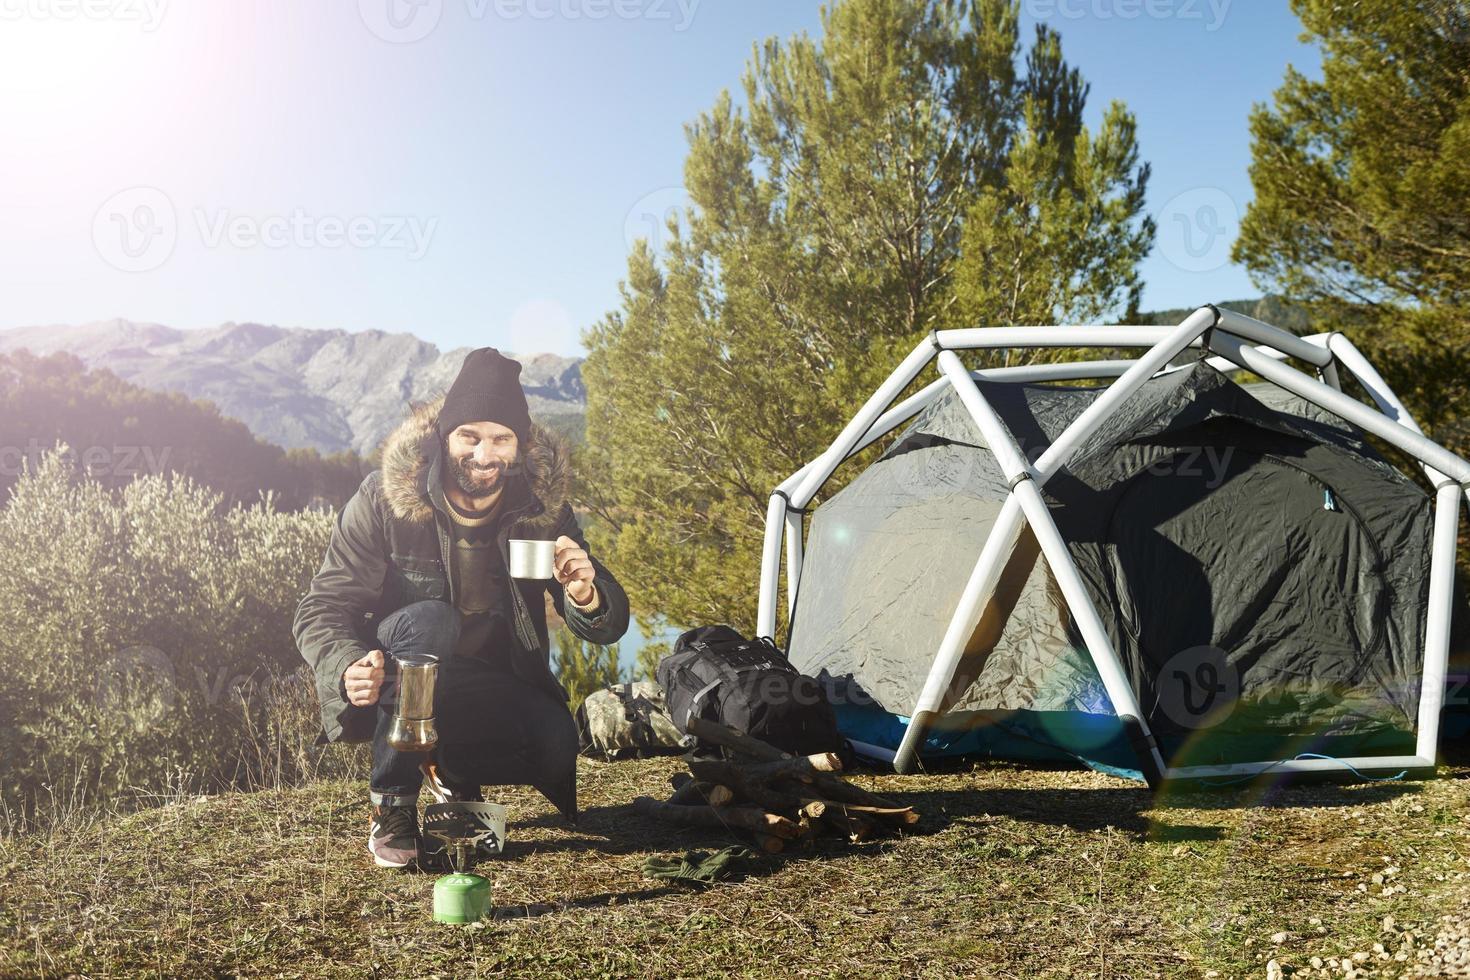 Manncamping, der Kaffee in der Nähe des Zeltes trinkt, das glücklich draußen in lächelt foto